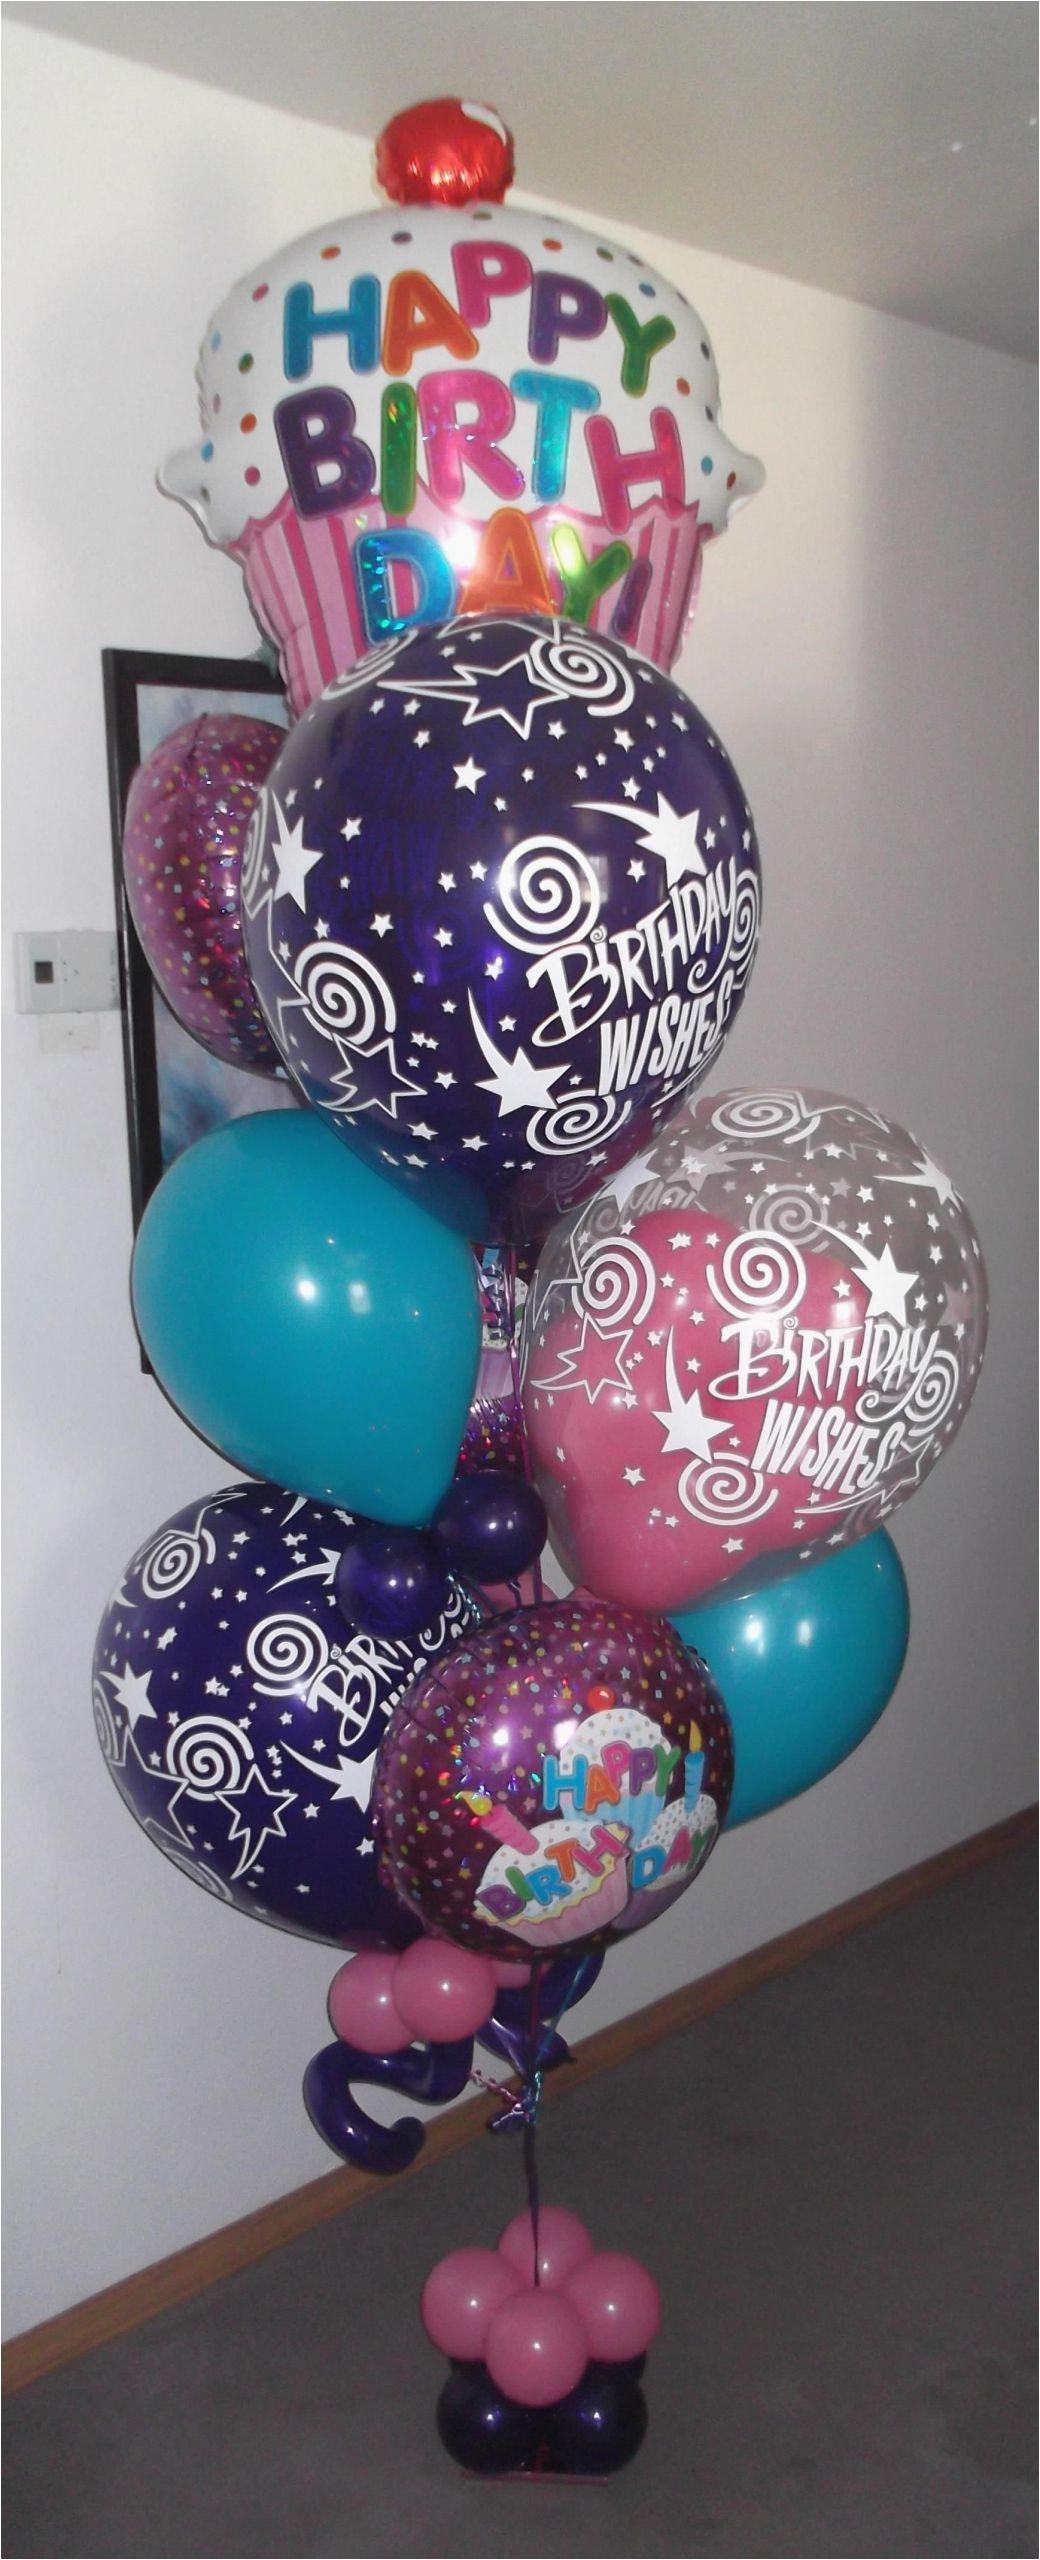 Birthday Gifts for Him Chennai Happy Birthday Gifts for Him Delivery Birthdaybuzz